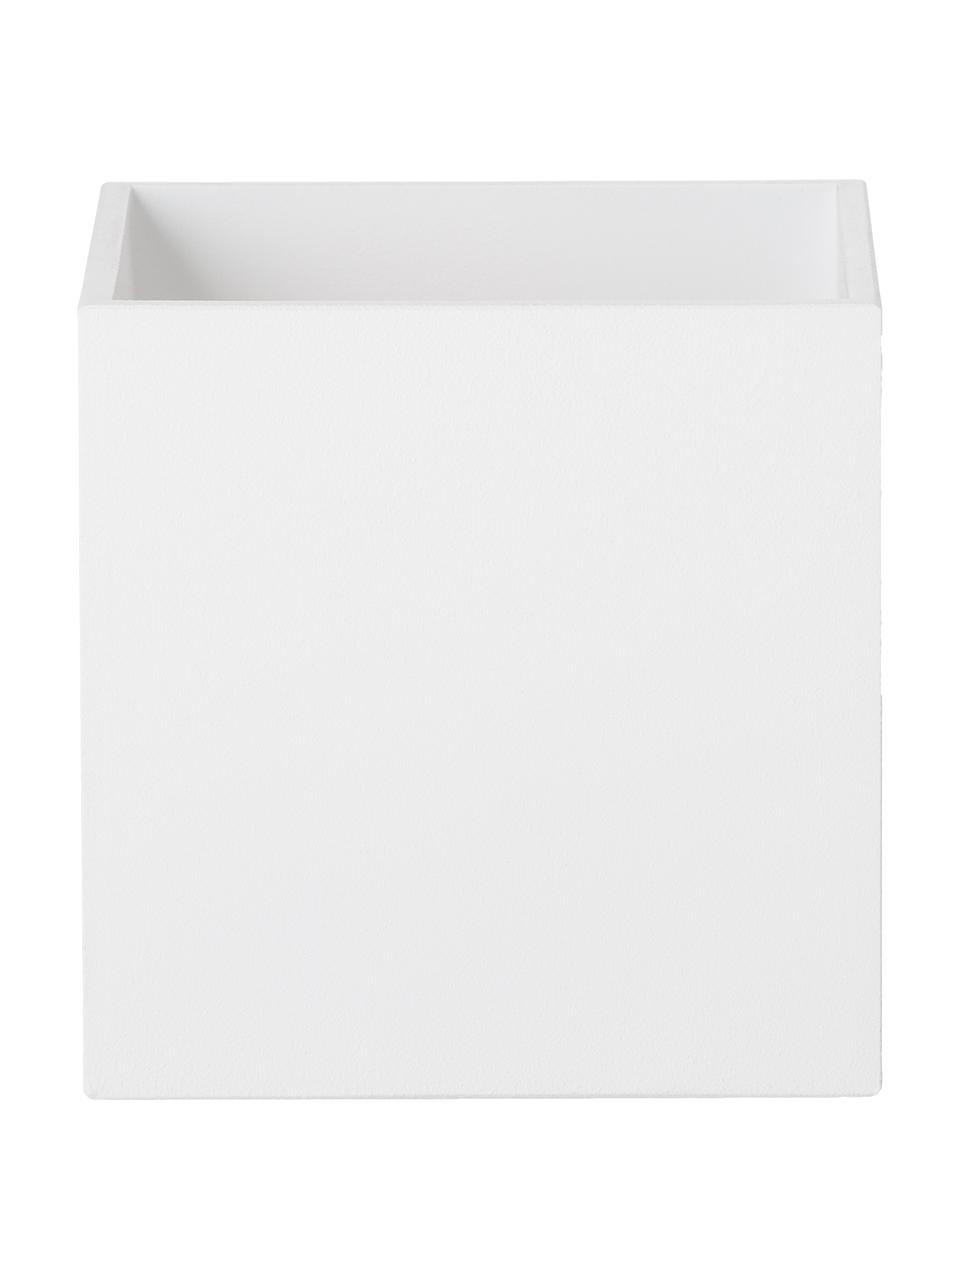 Wandleuchte Quad in Weiß, Lampenschirm: Aluminium, pulverbeschich, Weiß, 10 x 10 cm